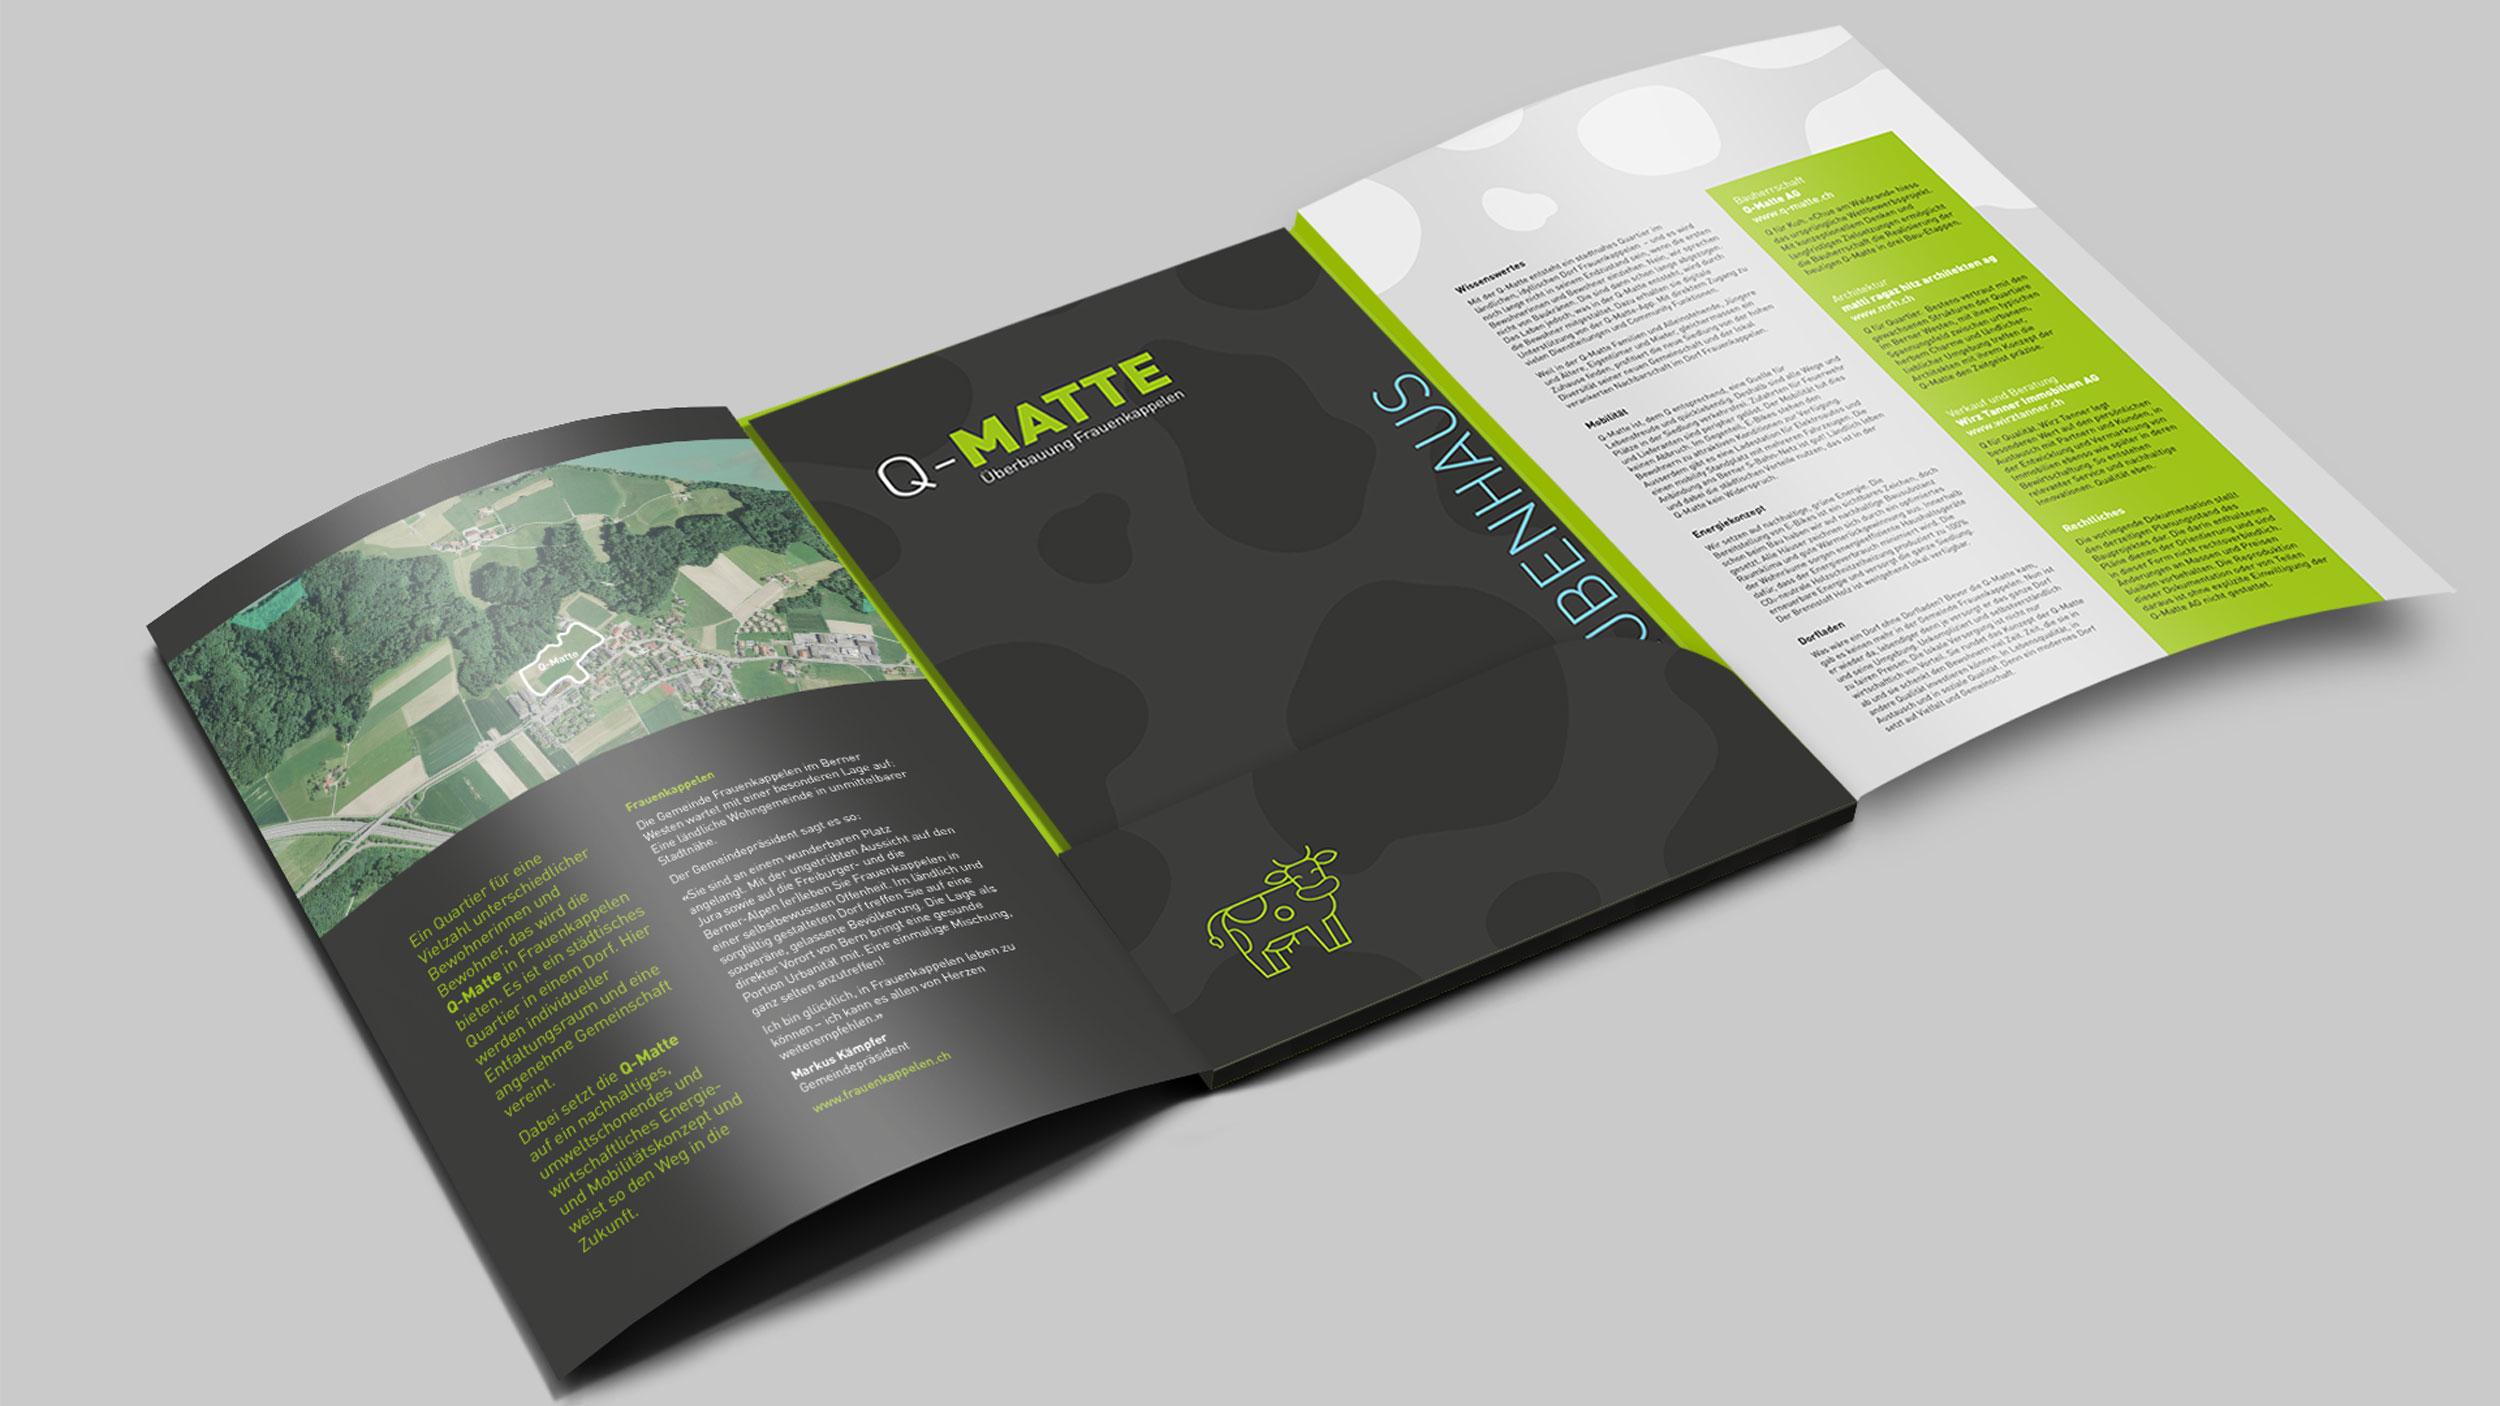 Q-Matte folder GPU Design